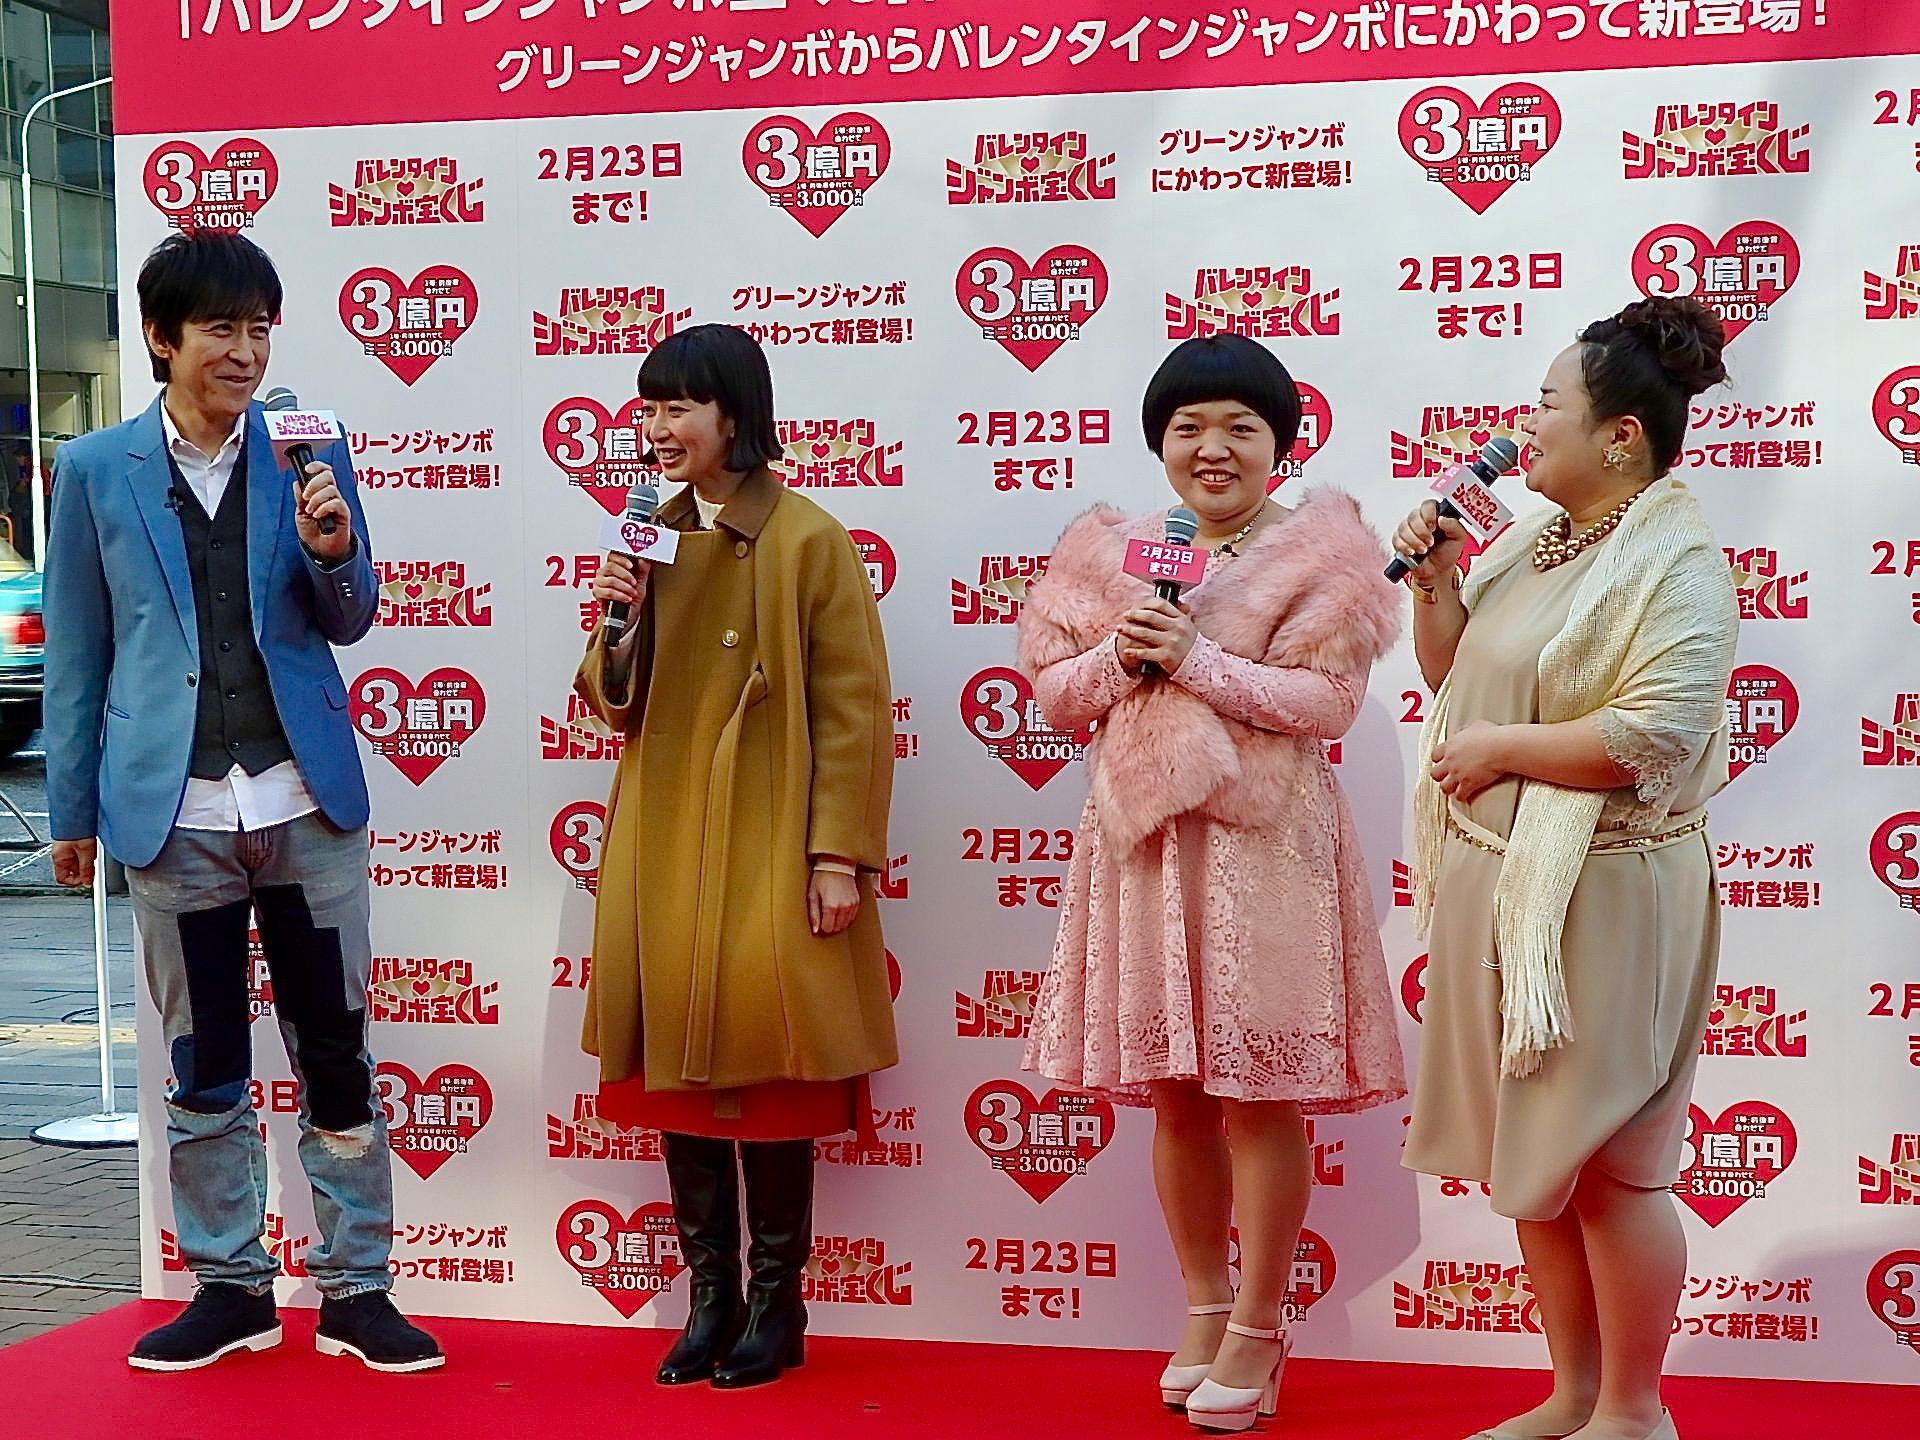 http://news.yoshimoto.co.jp/20180131175933-19316ee9c10f5ad18e36cfafaaa2df61012ceda9.jpg